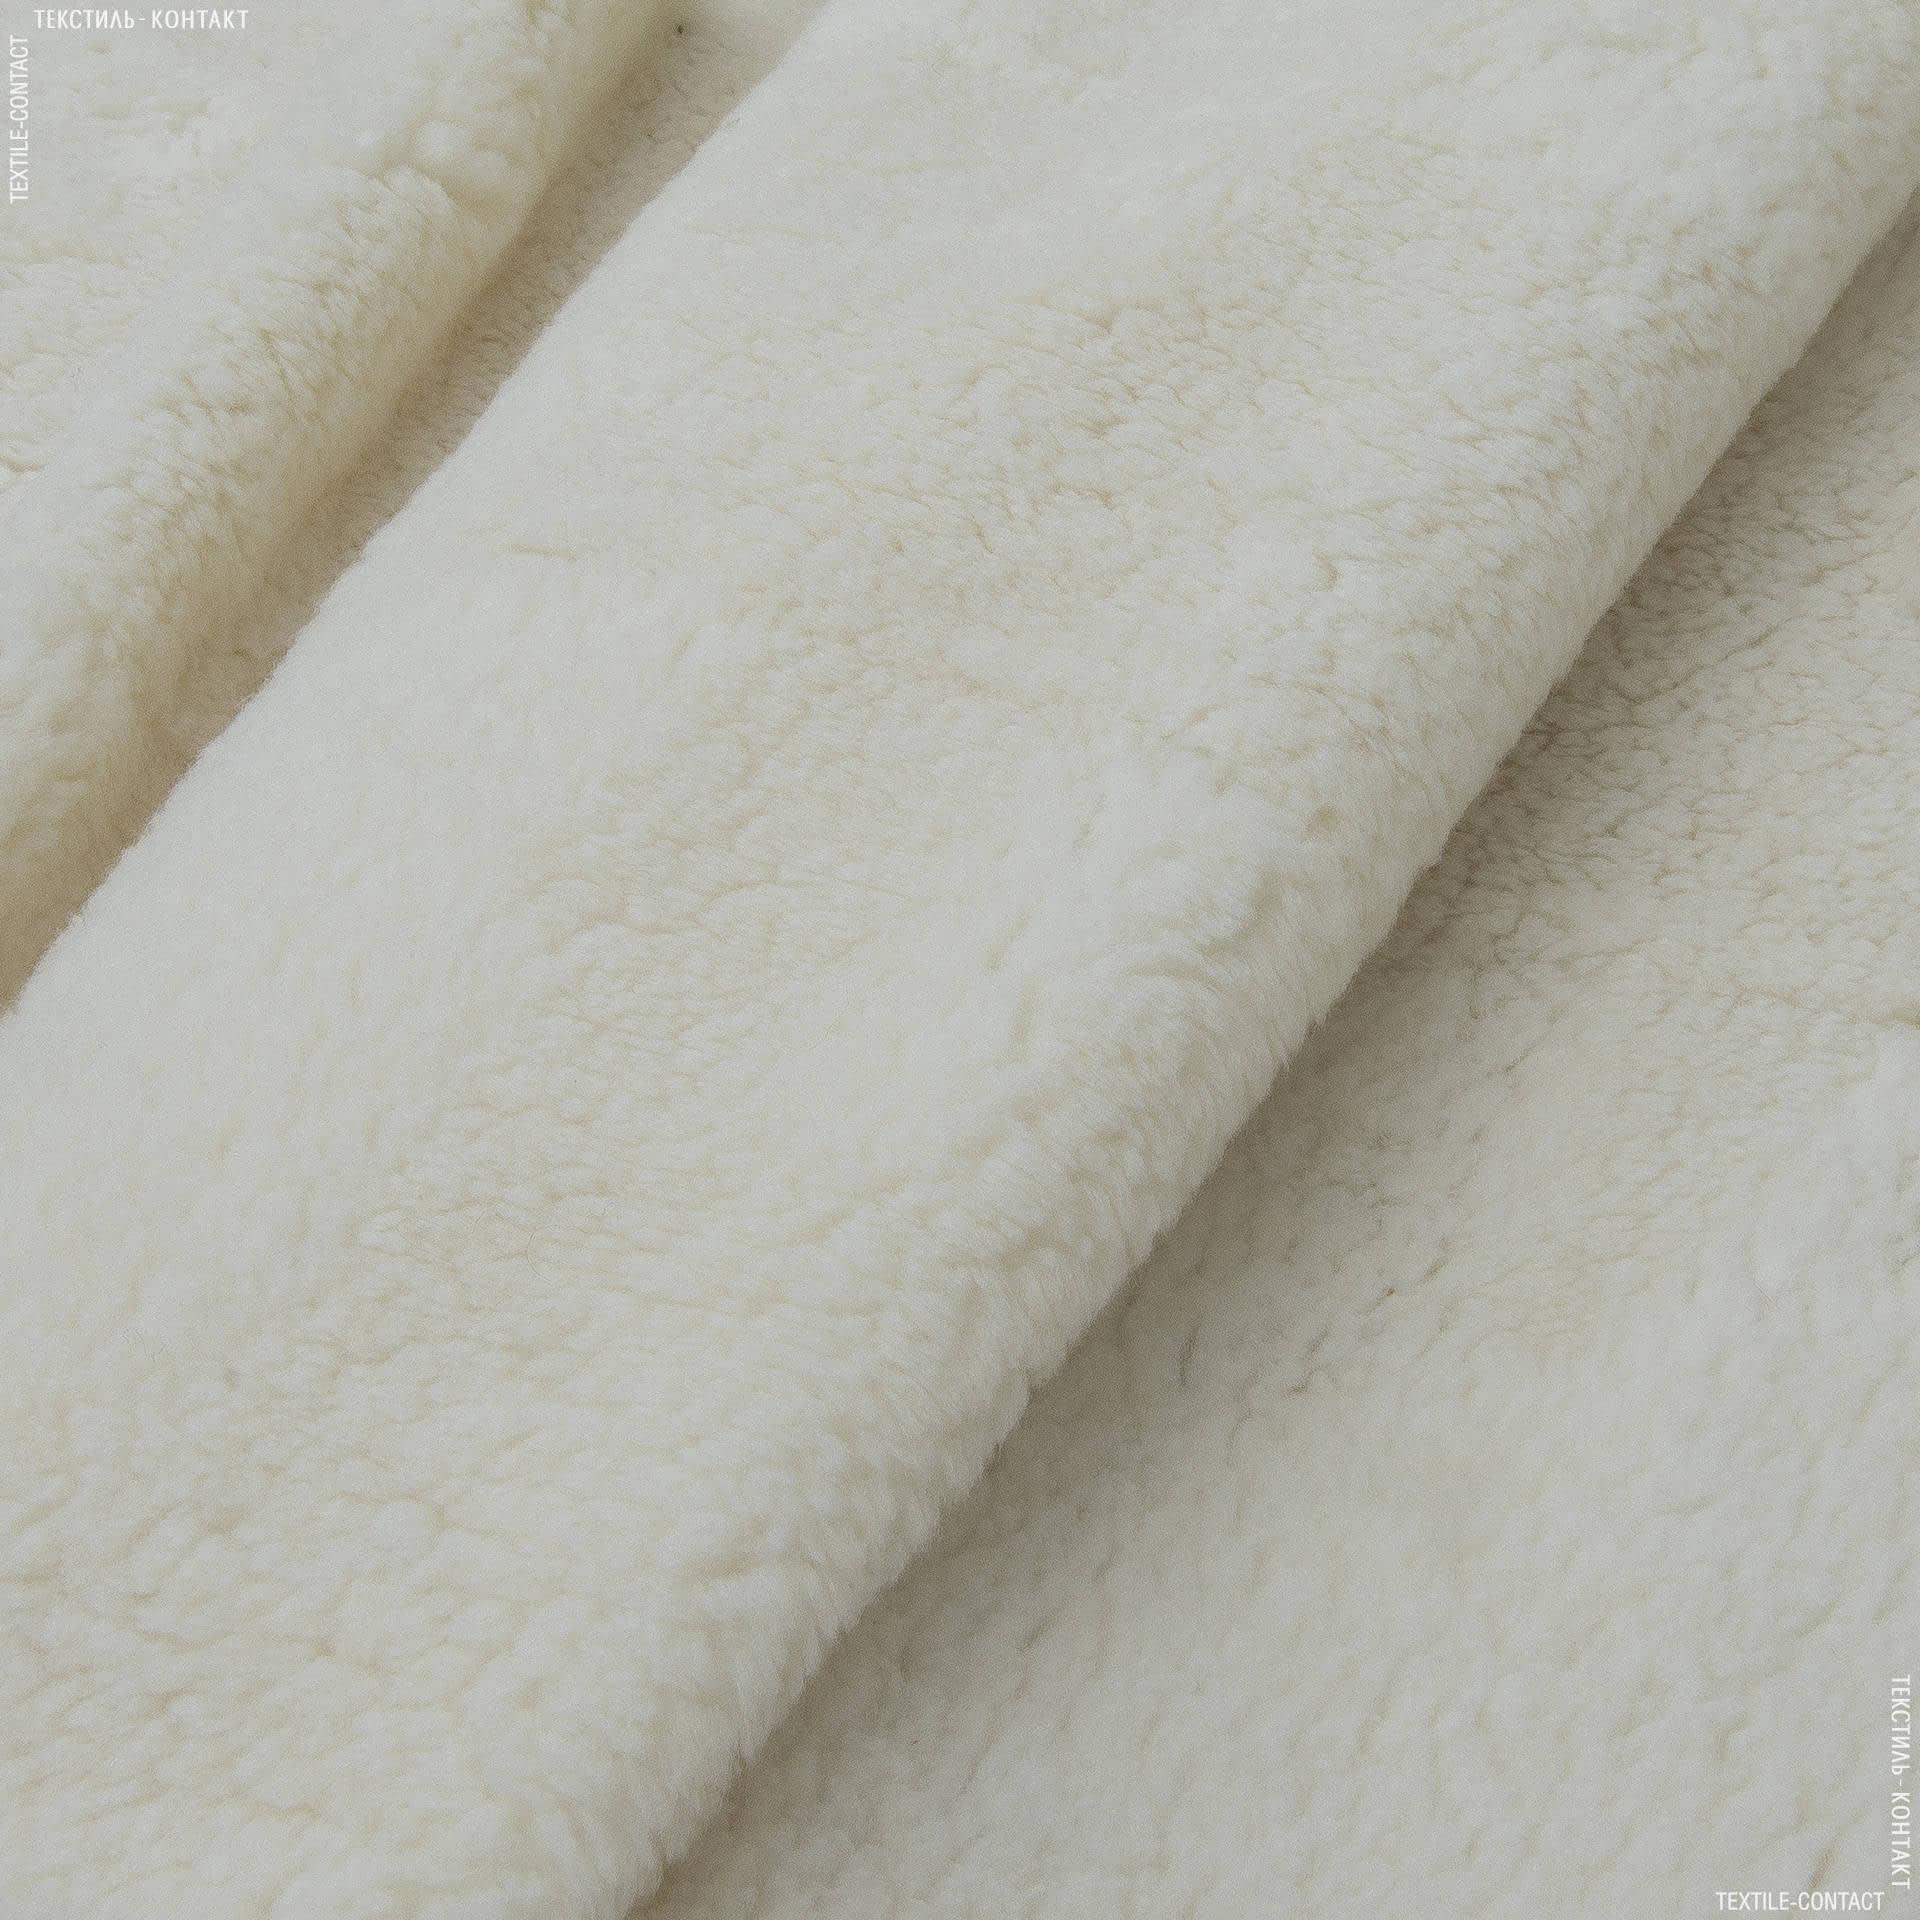 Тканини для м'яких іграшок - Хутро штучне білий